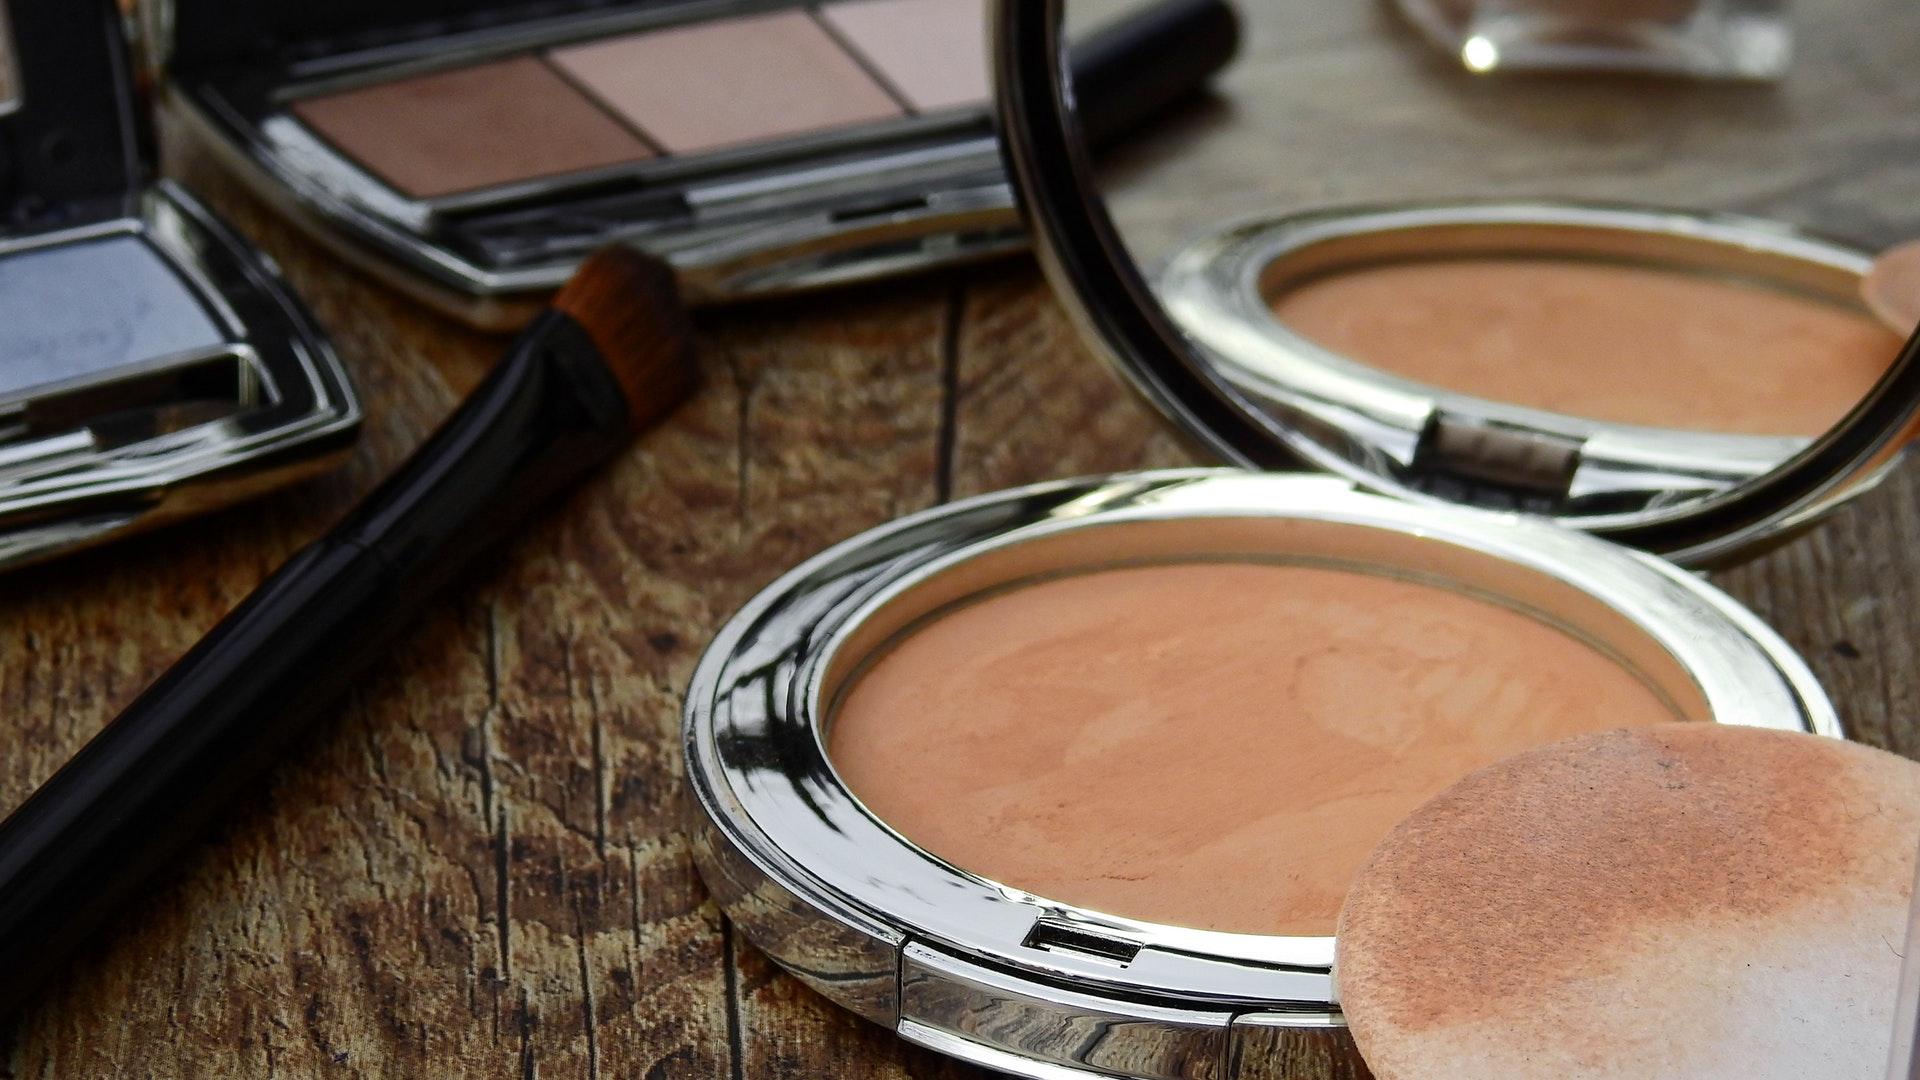 Makeup & Co.